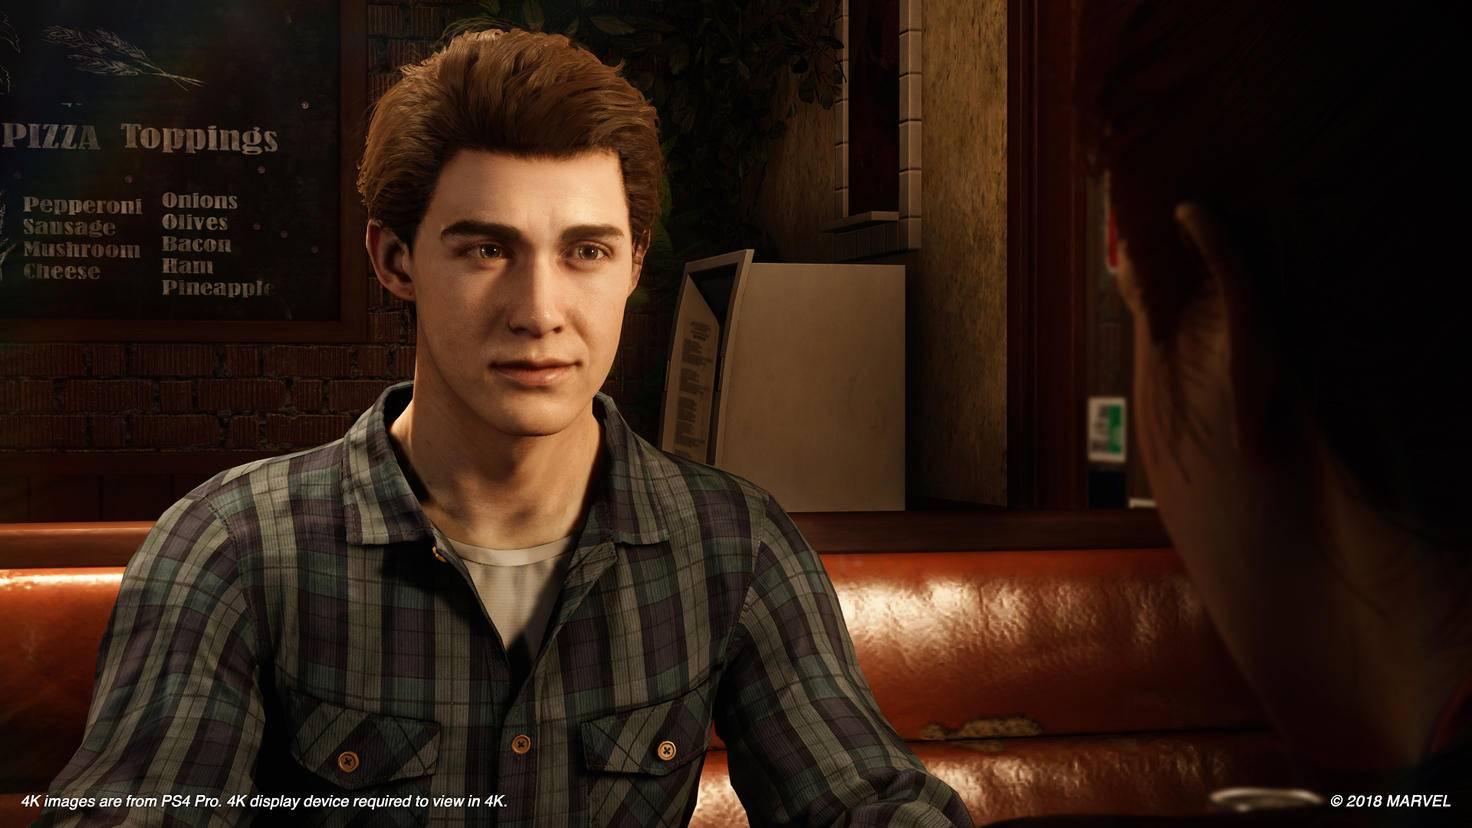 Peter Parkers Leben kollidiert immer wieder mit seinem ungewöhnlichen Nebenjob.